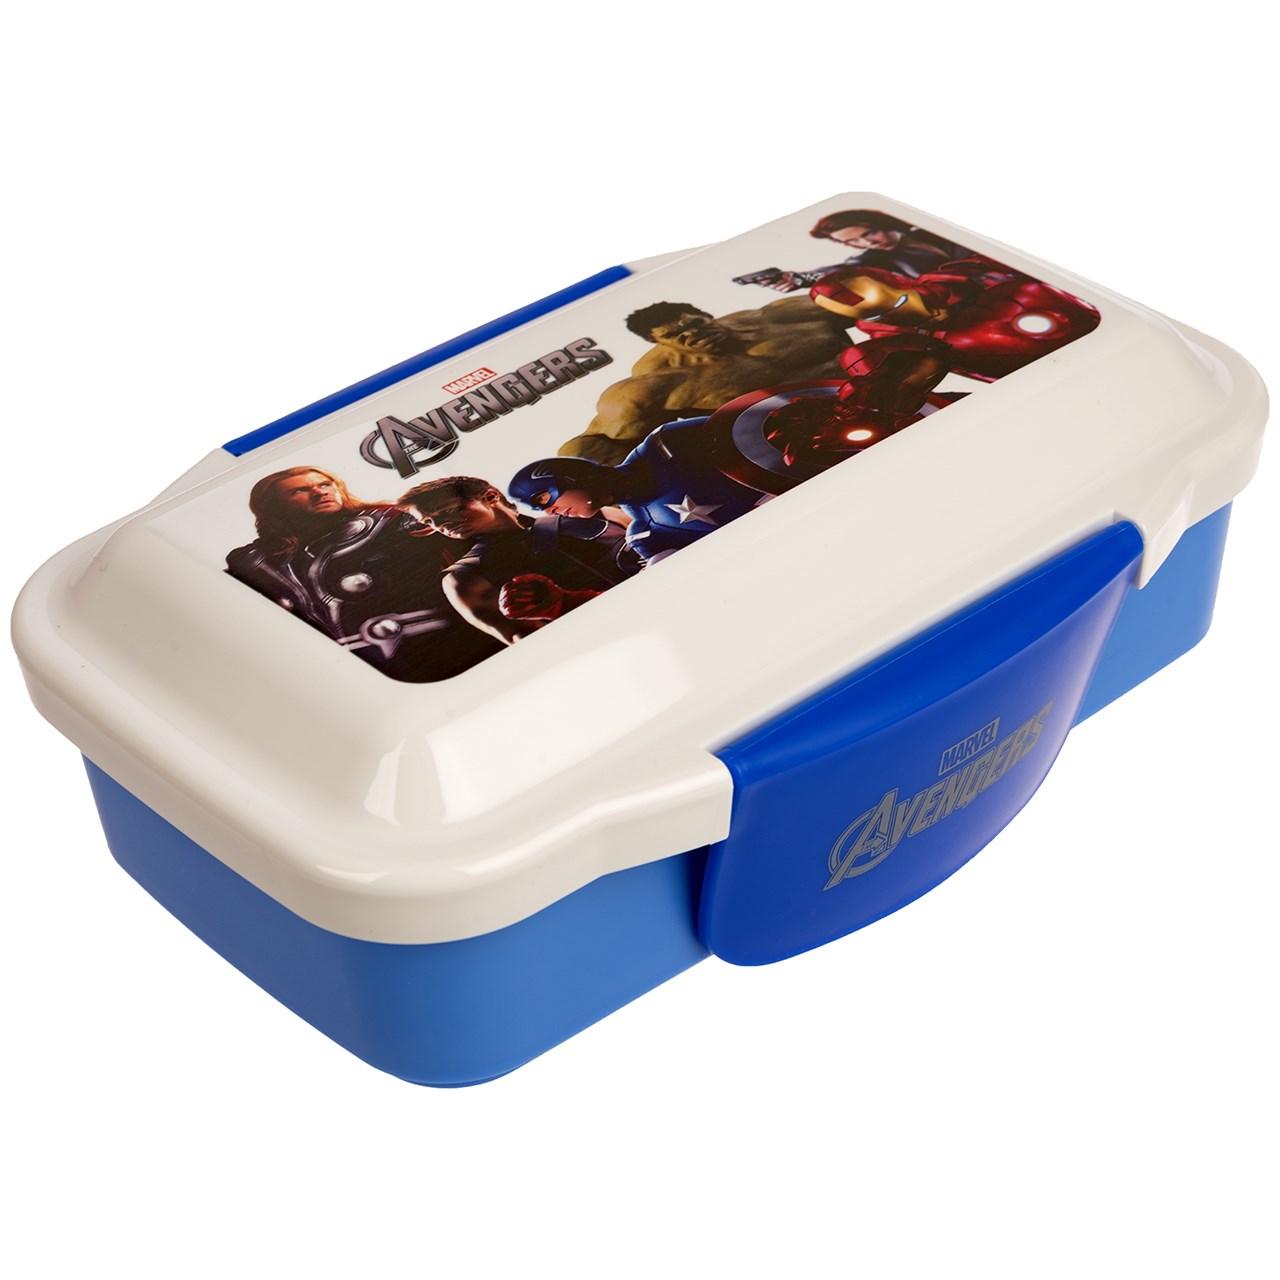 ظرف غذای کودک مدل Avengers XY 6328